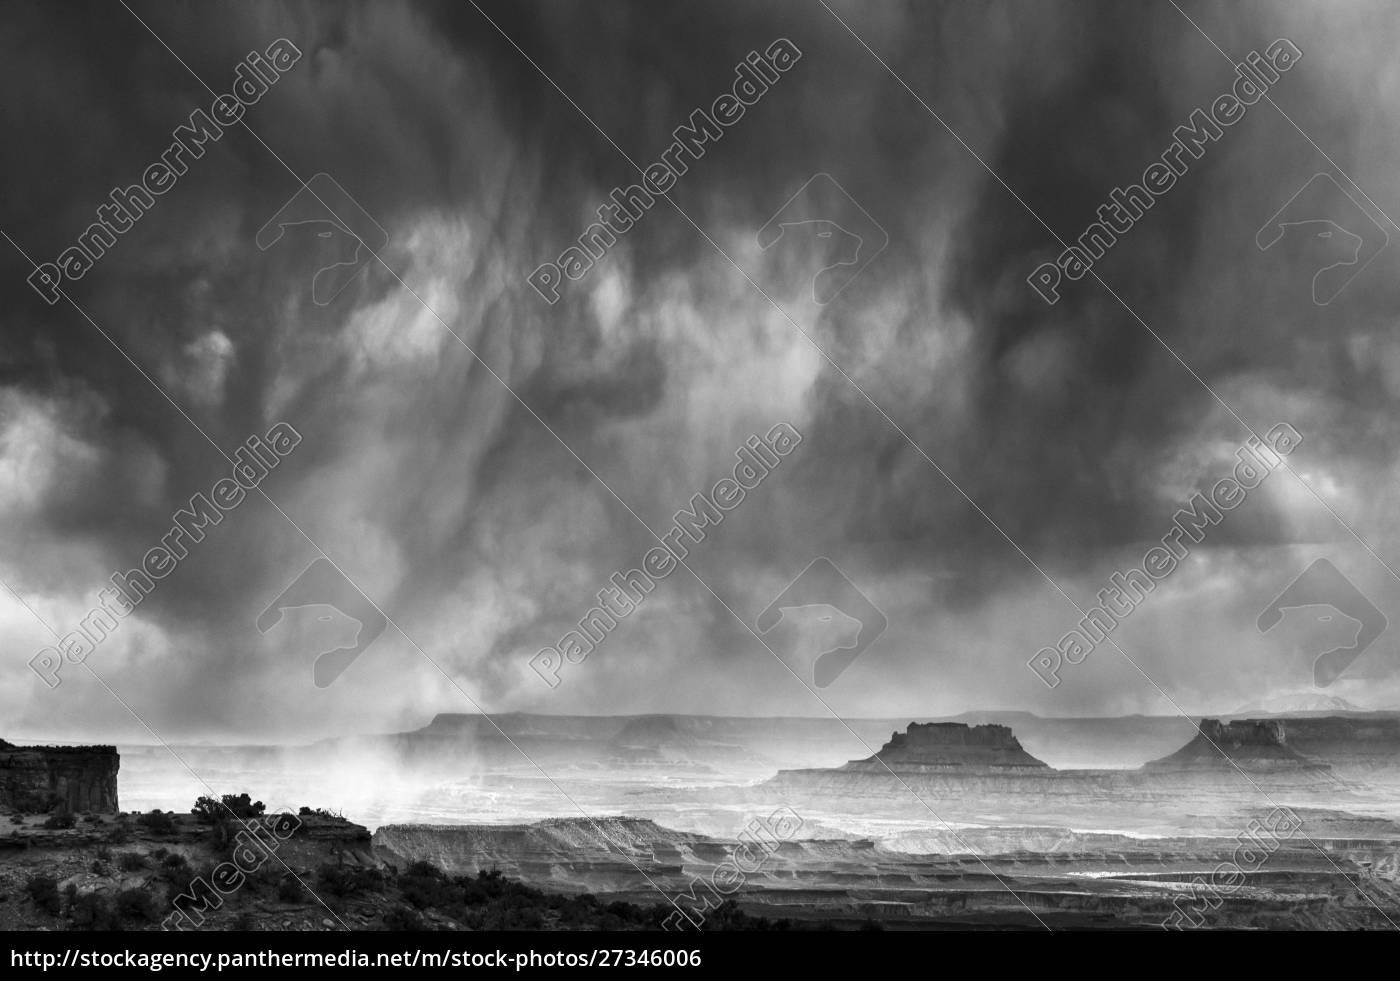 usa, utah., parku, narodowego, canyonlands., czarno-biały, wizerunek - 27346006